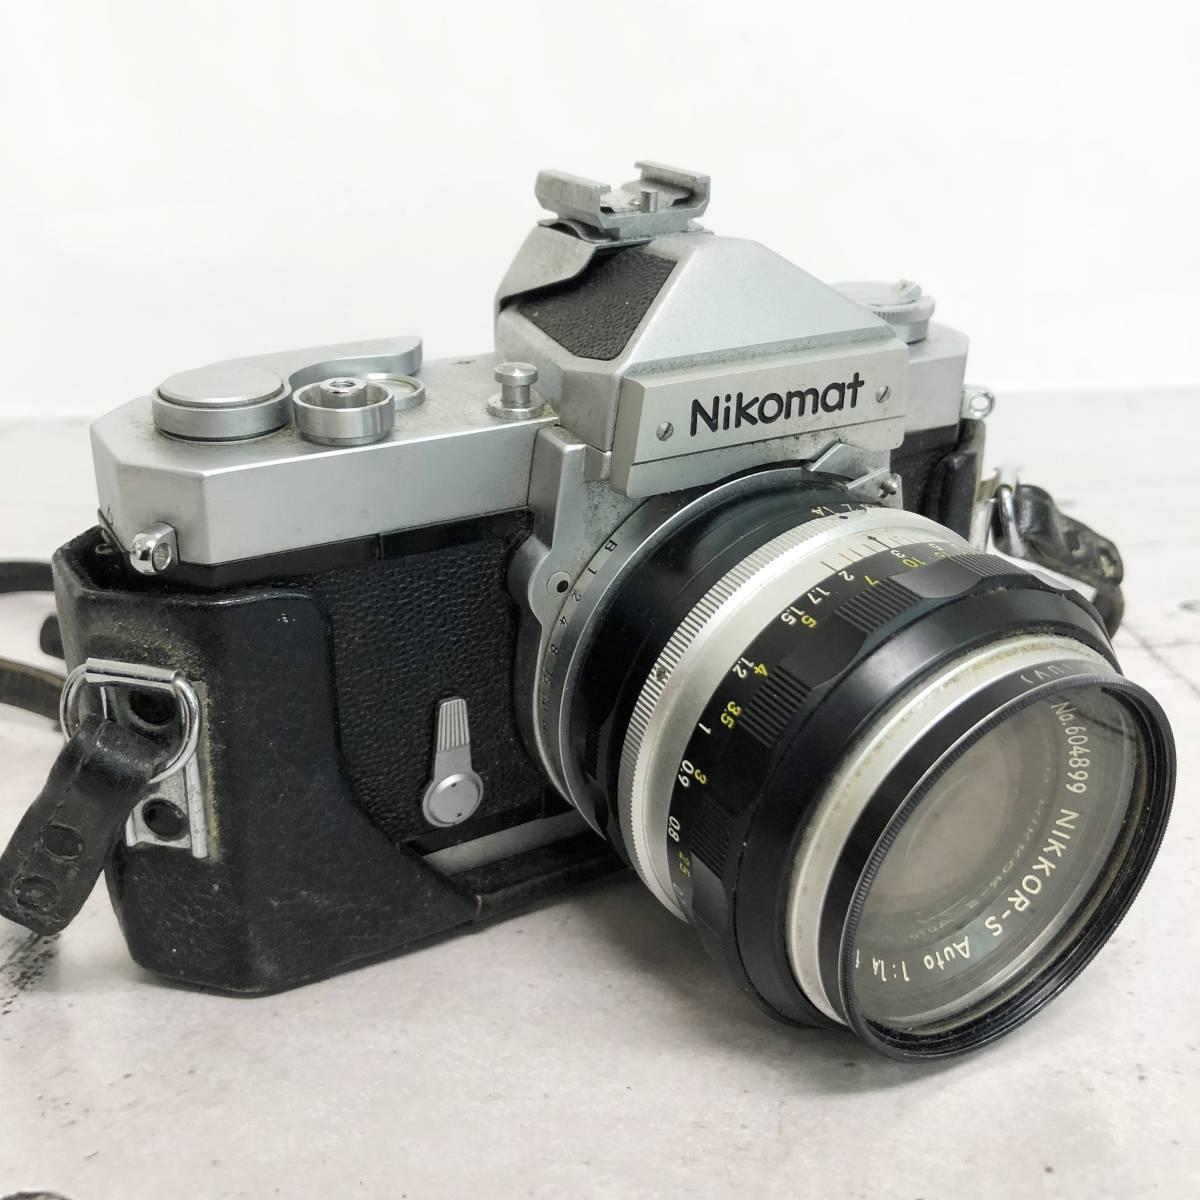 ニコン ニコマット カメラ 5台セット(ニコマット×2台・ニコンF・ニコン F-401)動作未確認 ジャンク品_画像2